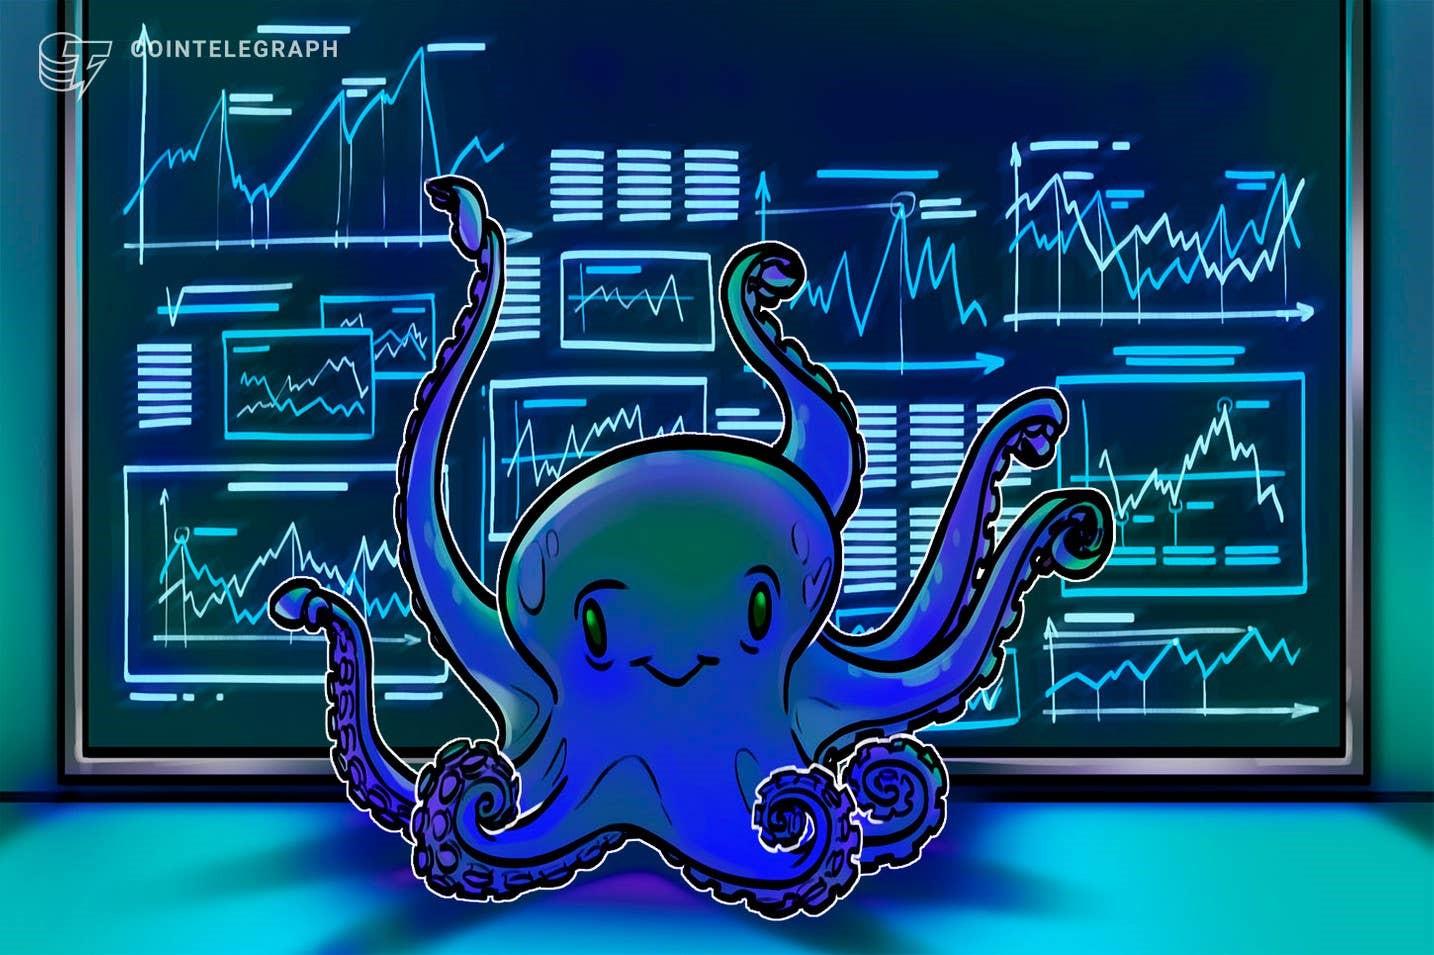 مدیرعامل کراکن(Kraken) از رشد فضای رمزارز می گوید